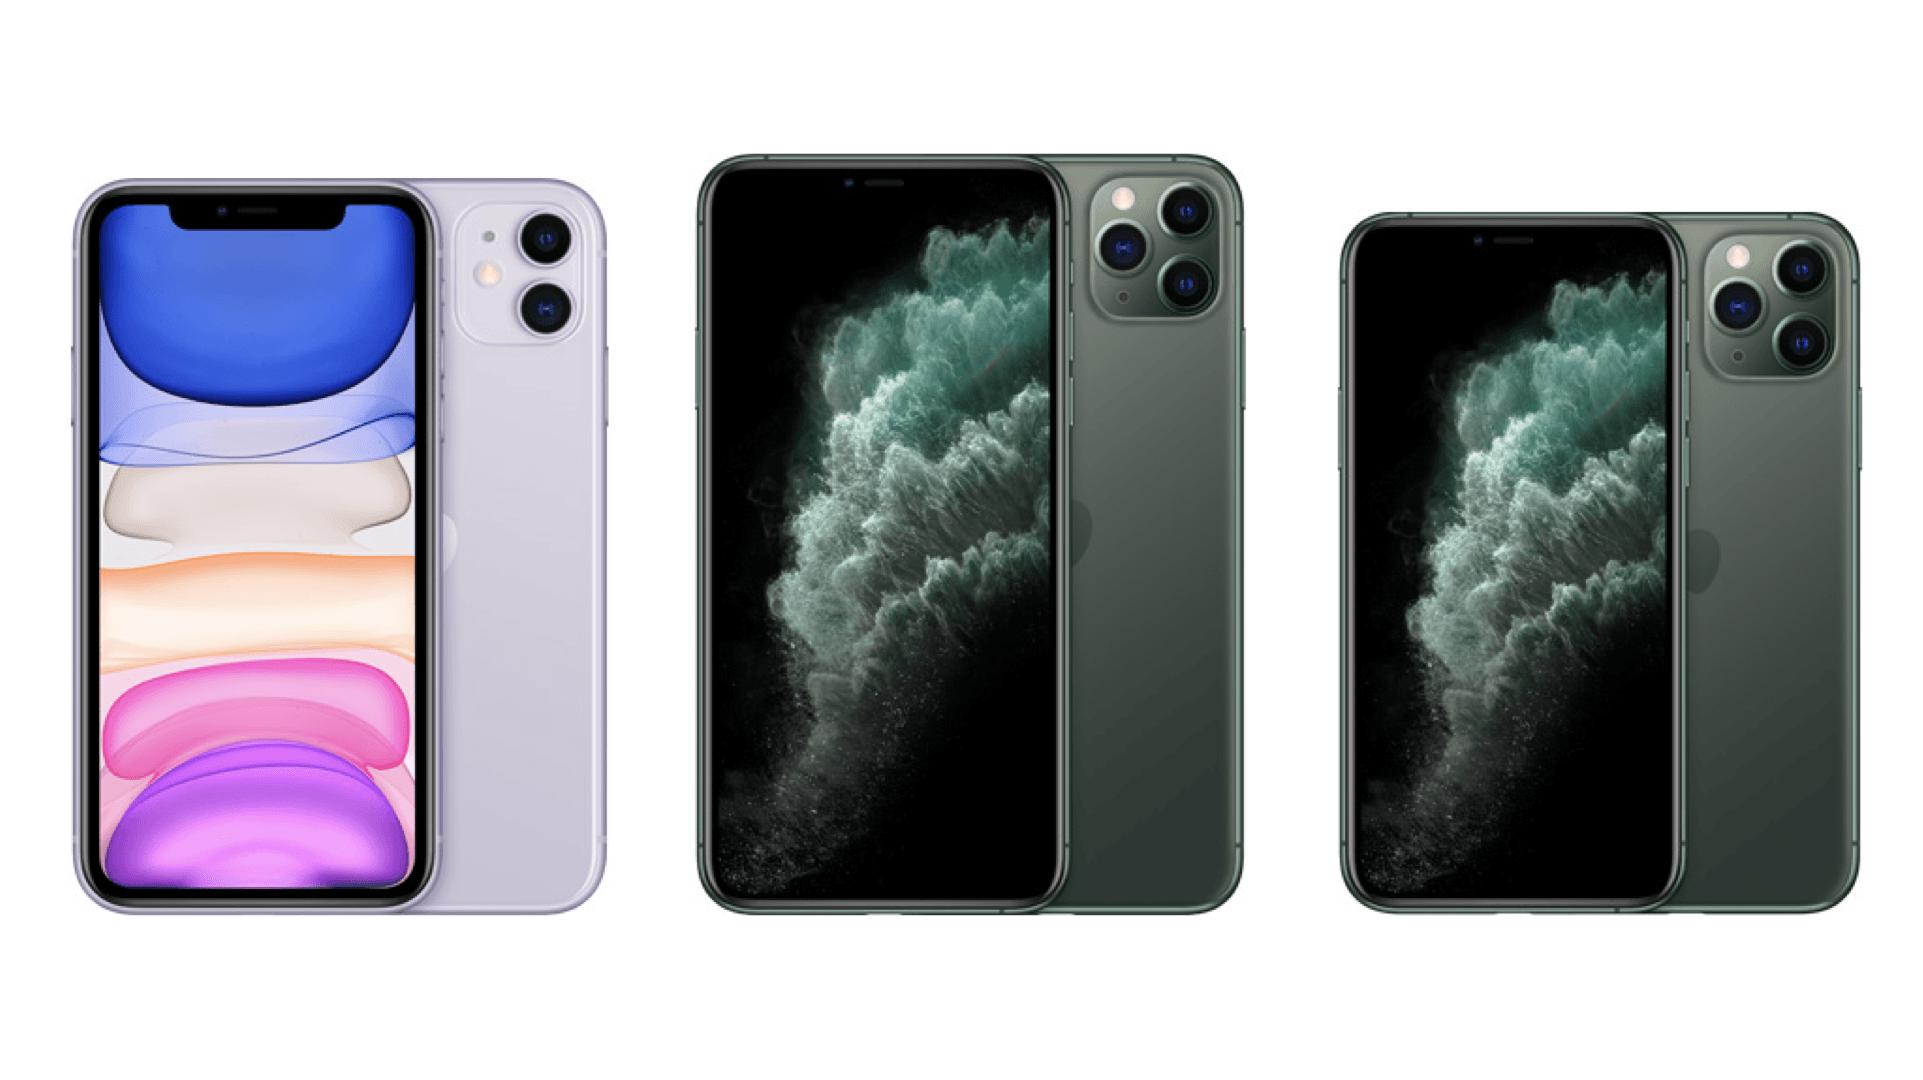 Pourquoi l'iphone 11 pro max est plus cher que l'iphone 12